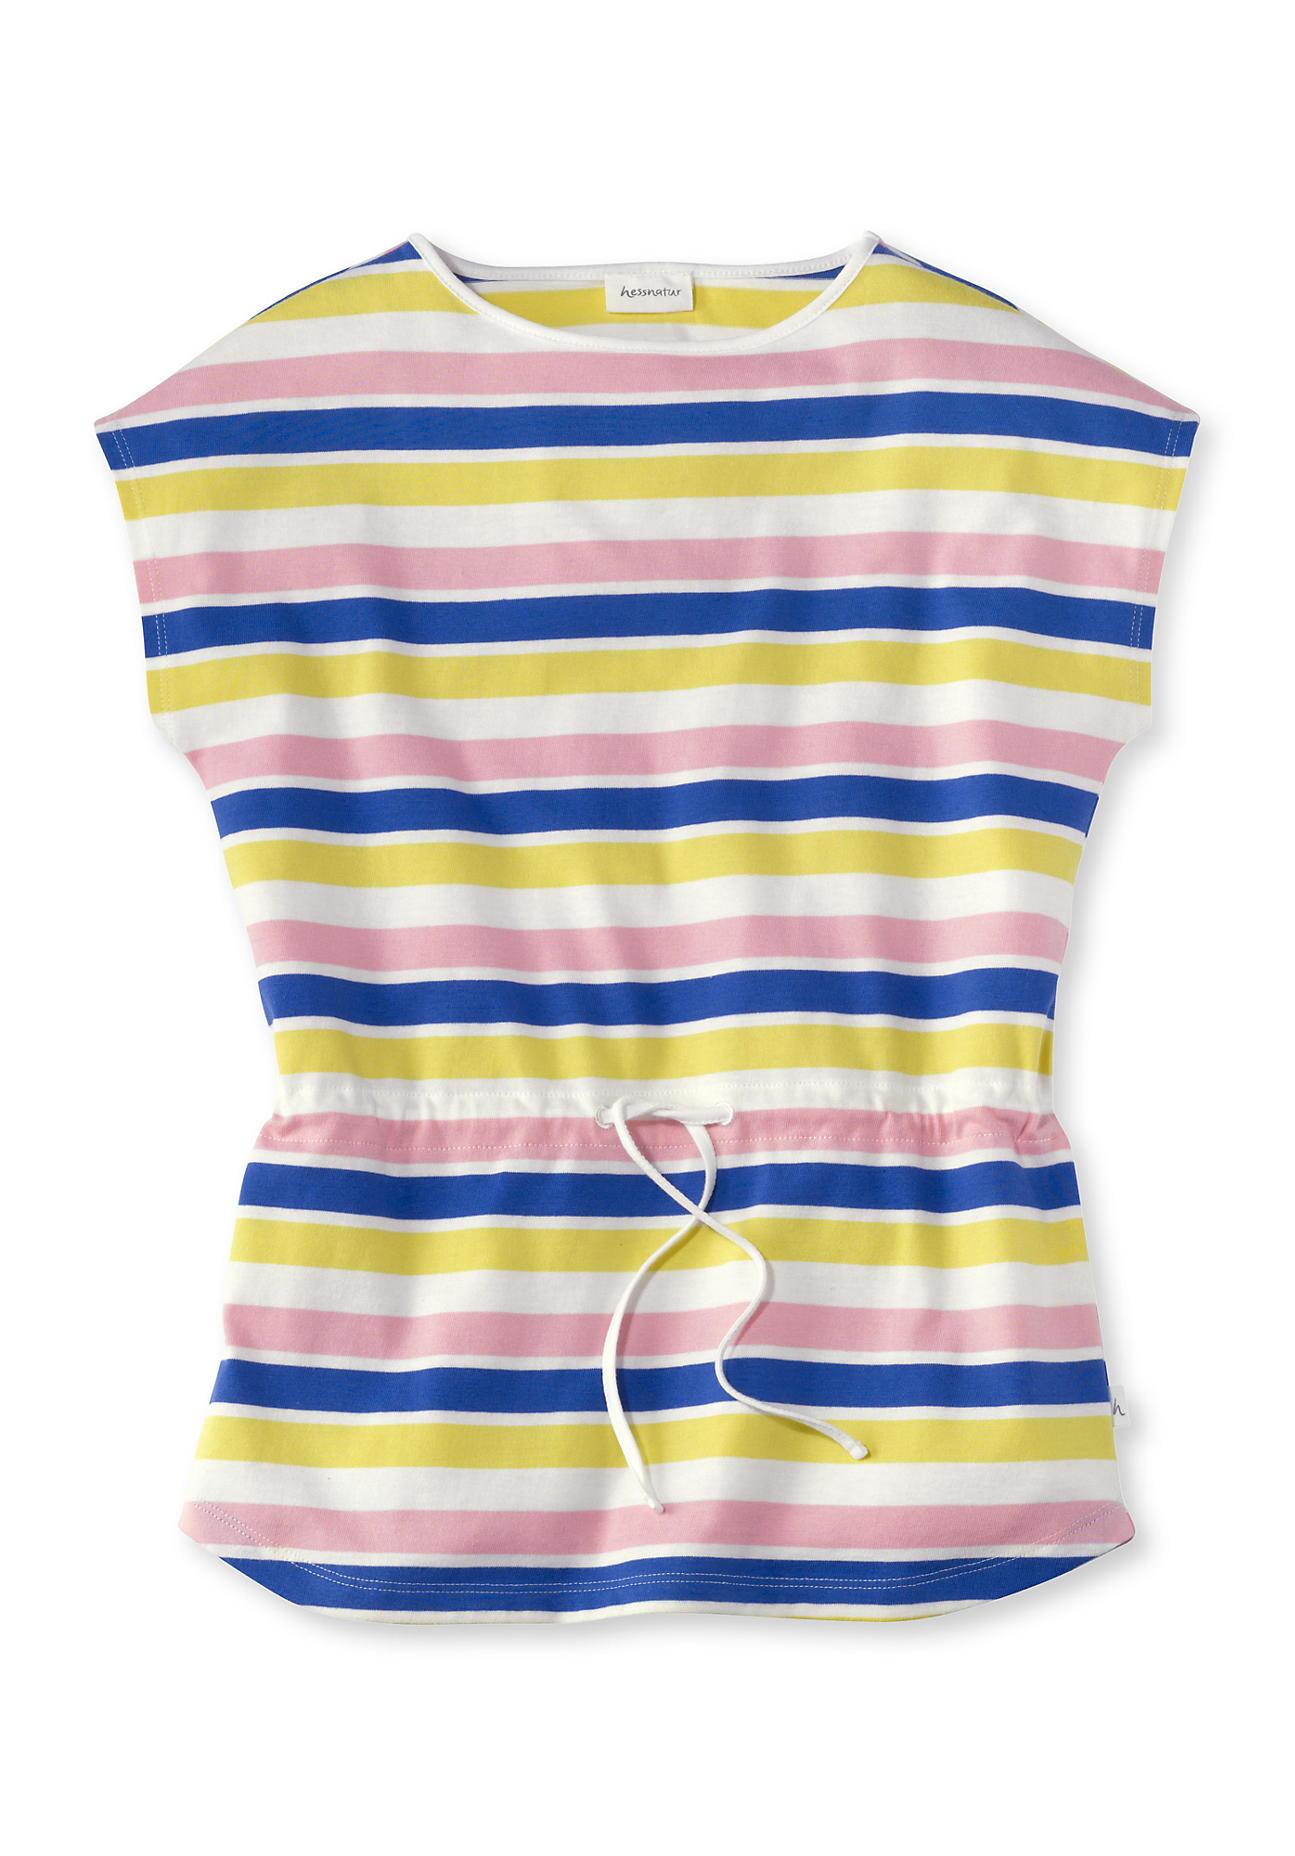 hessnatur Kinder Shirt aus Bio-Baumwolle – bunt...